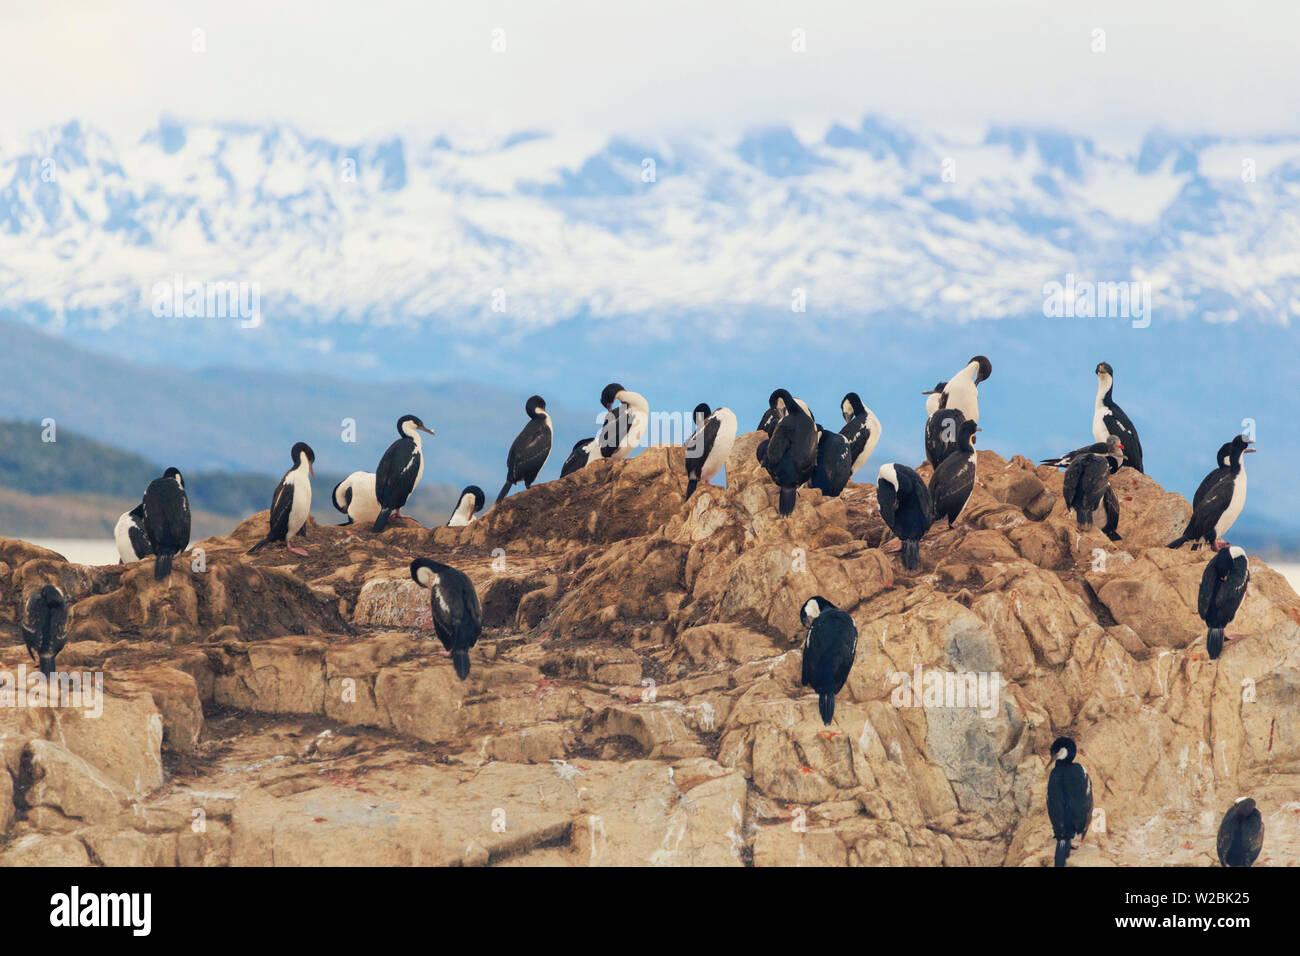 Argentina, Tierra del Fuego, Ushuaia, Beagle Channel,  Emperor Cormorants - Stock Image